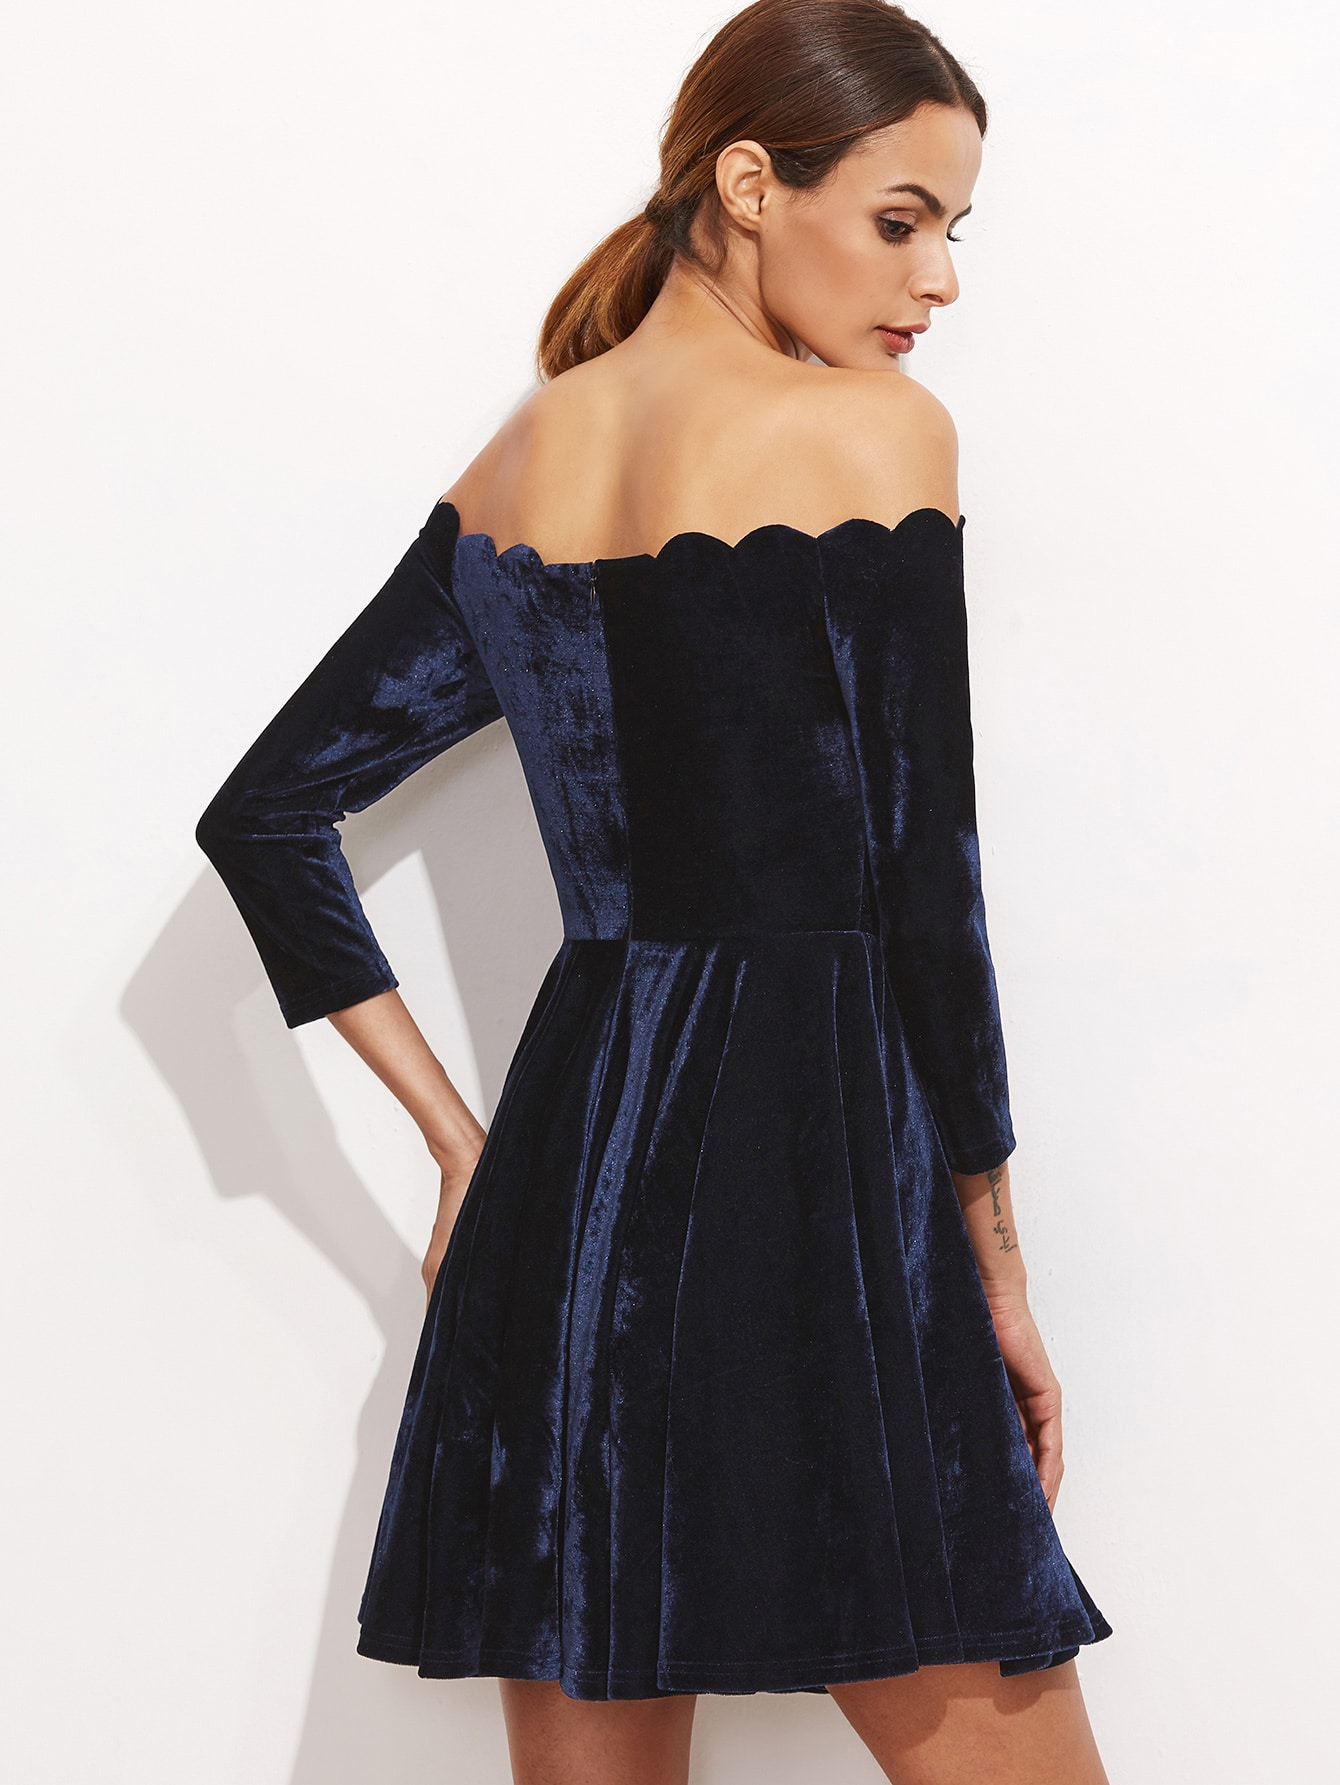 dress161020711_2